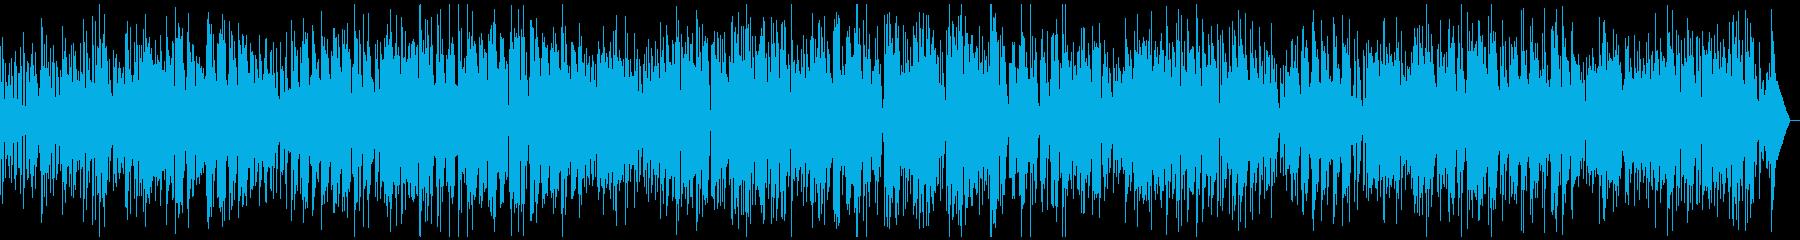 爽やかな番組に合うポップミュージックの再生済みの波形